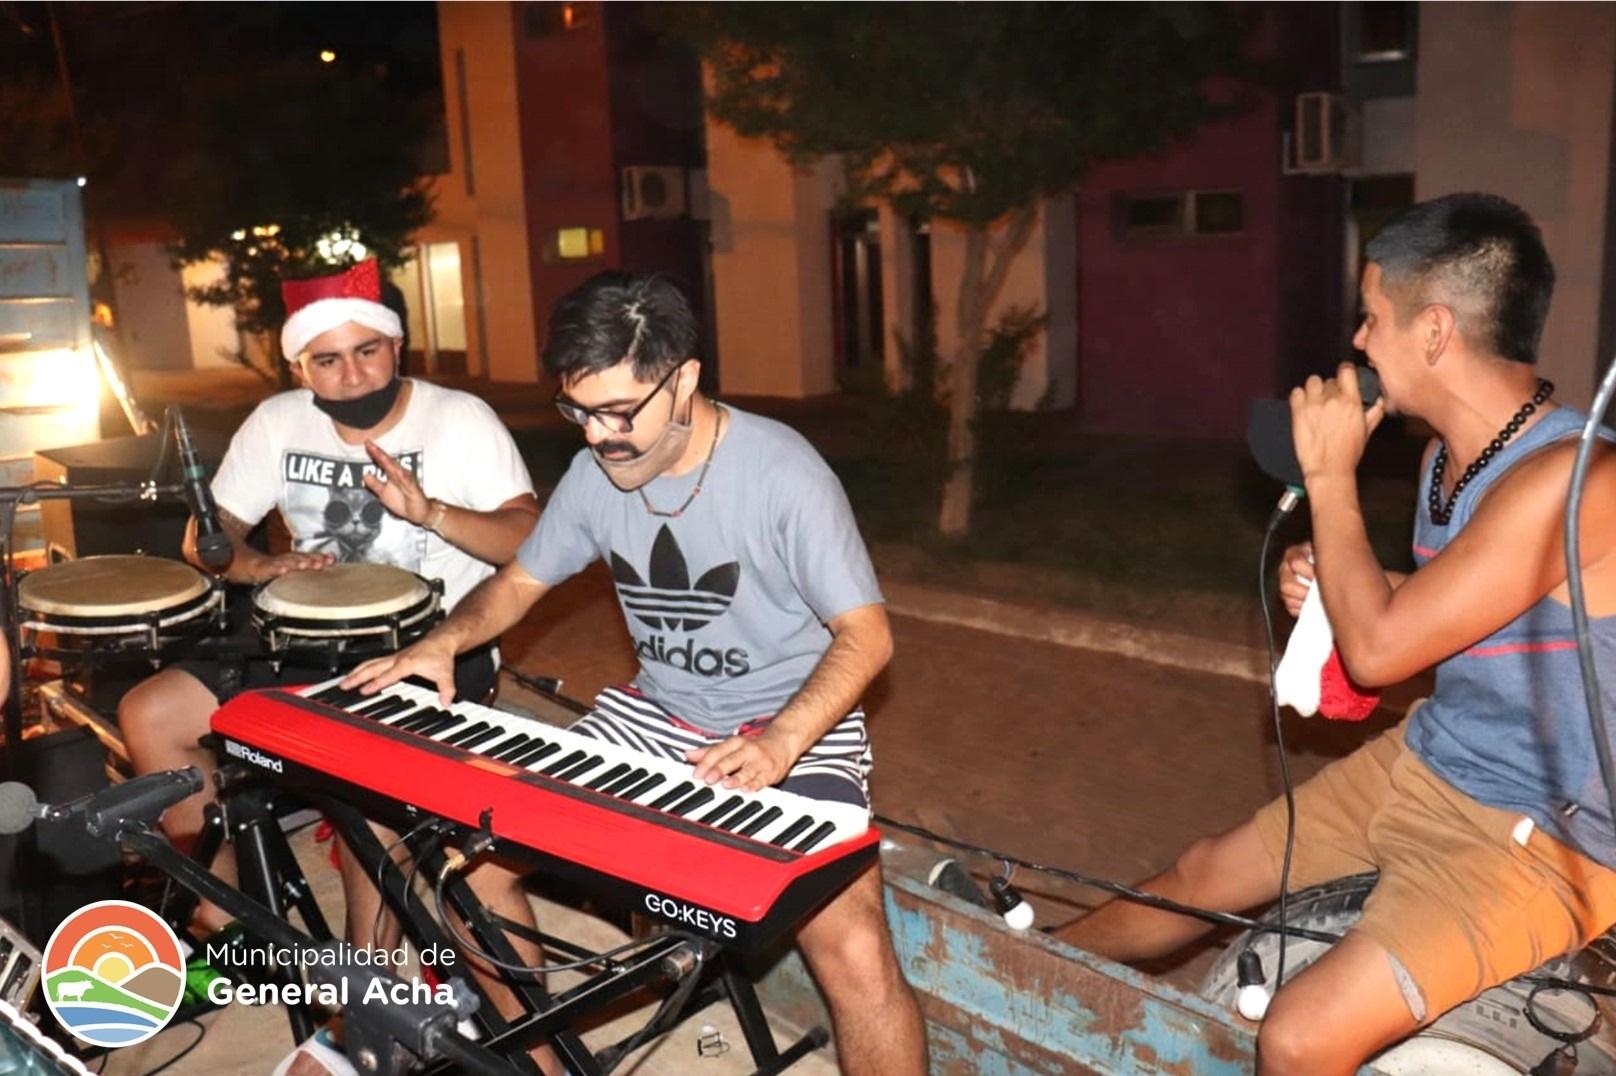 Empezaron las serenatas de verano en La Pampa